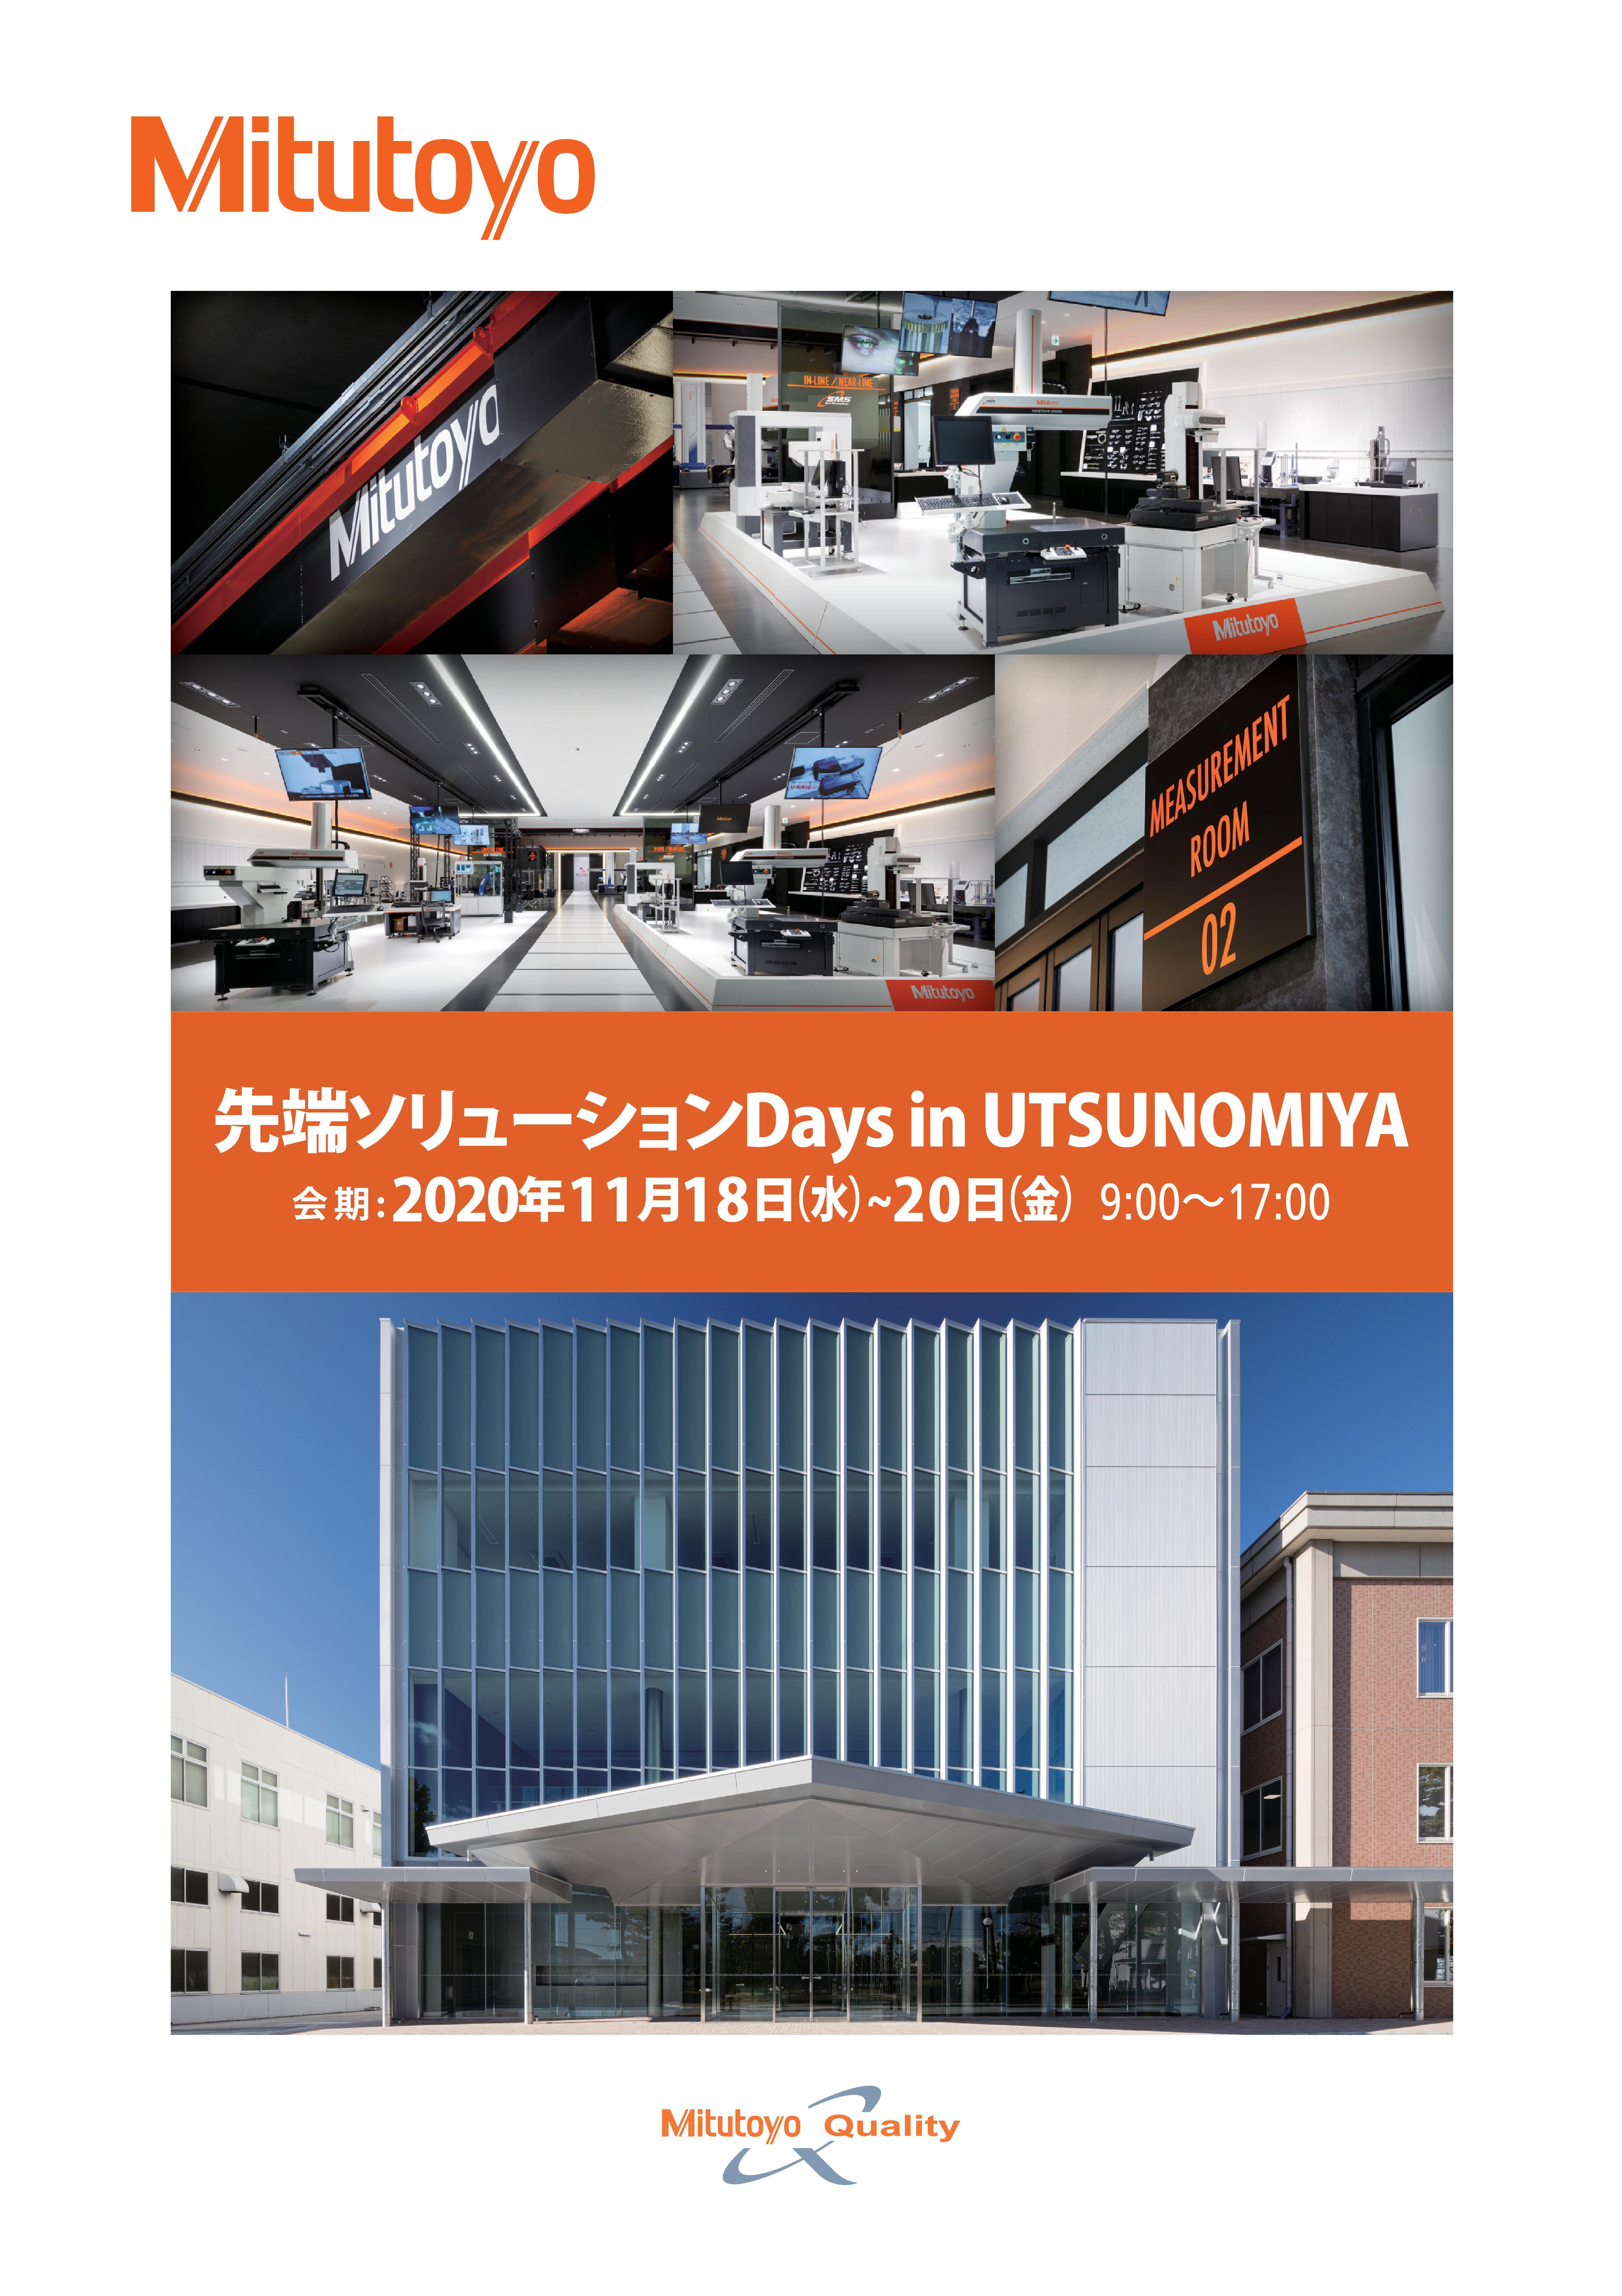 【11月開催】ミツトヨ「先端ソリューションDays in UTSUNOMIYA」オンライン展示会開催のお知らせ